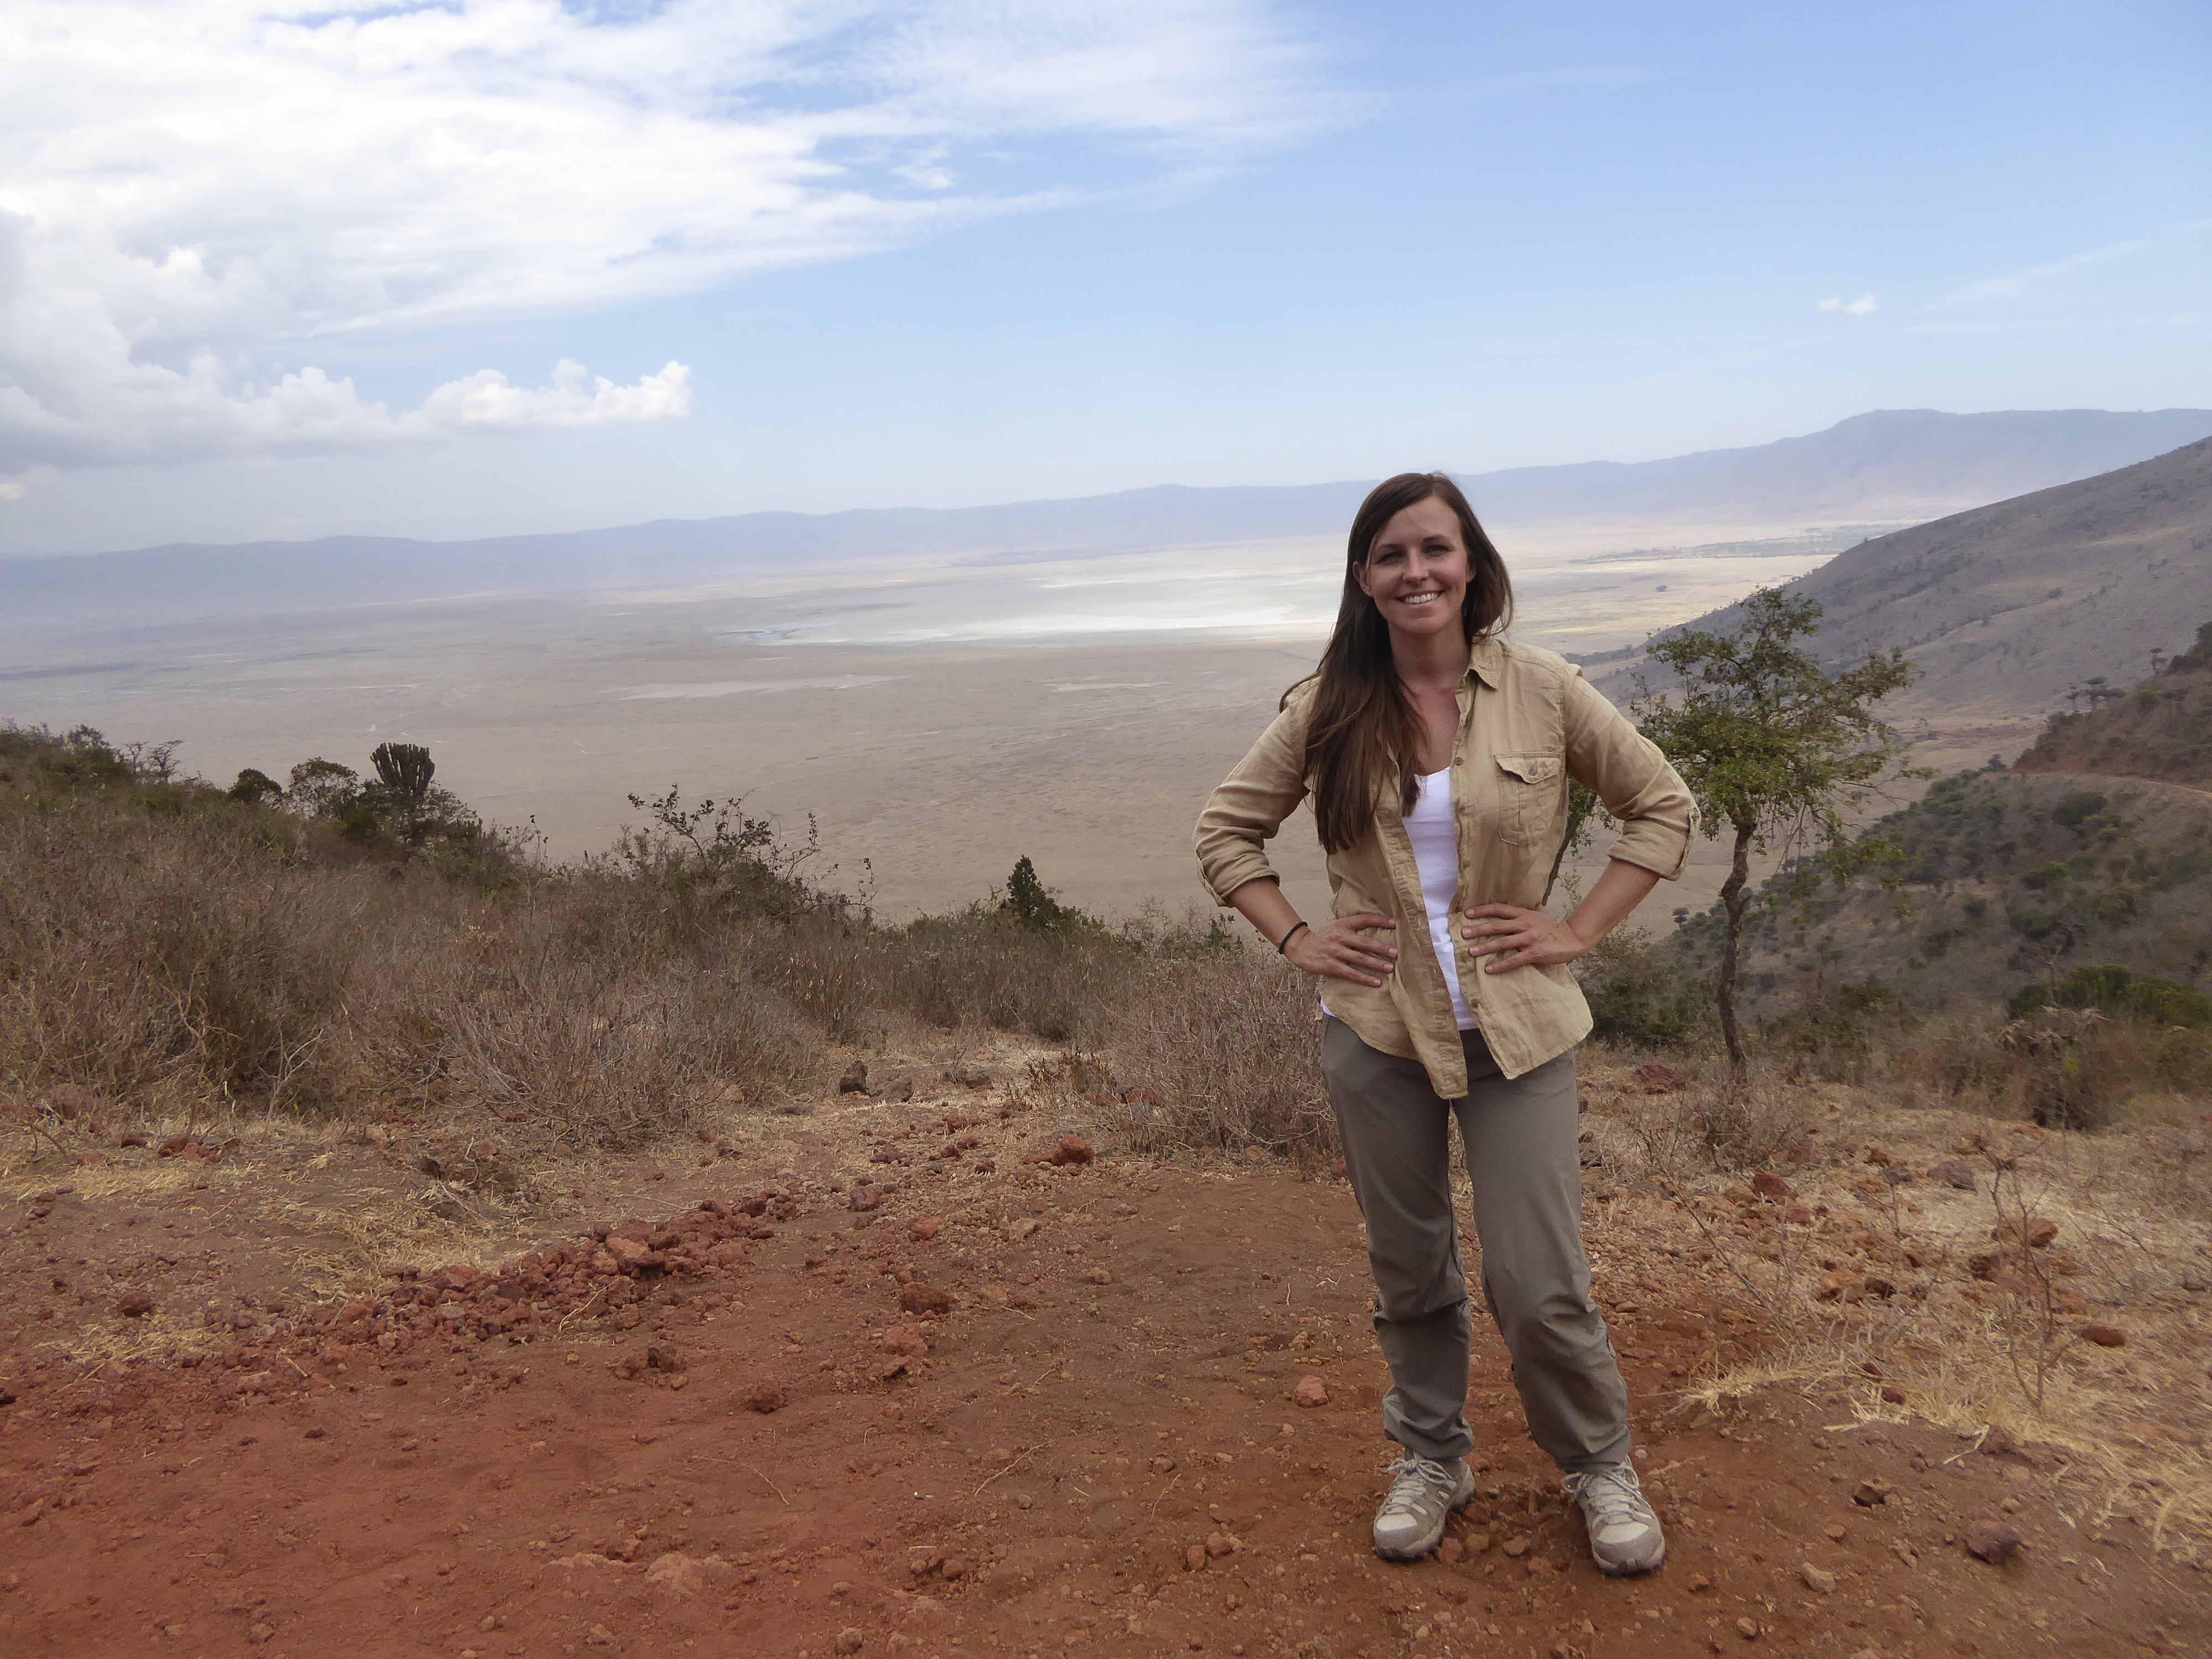 Die safari packliste für deine reise sunniest way reiseblog